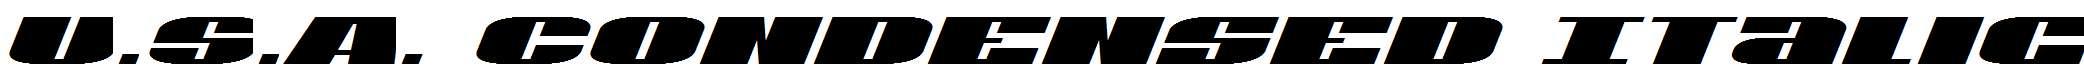 U.S.A.Condensed-Italic